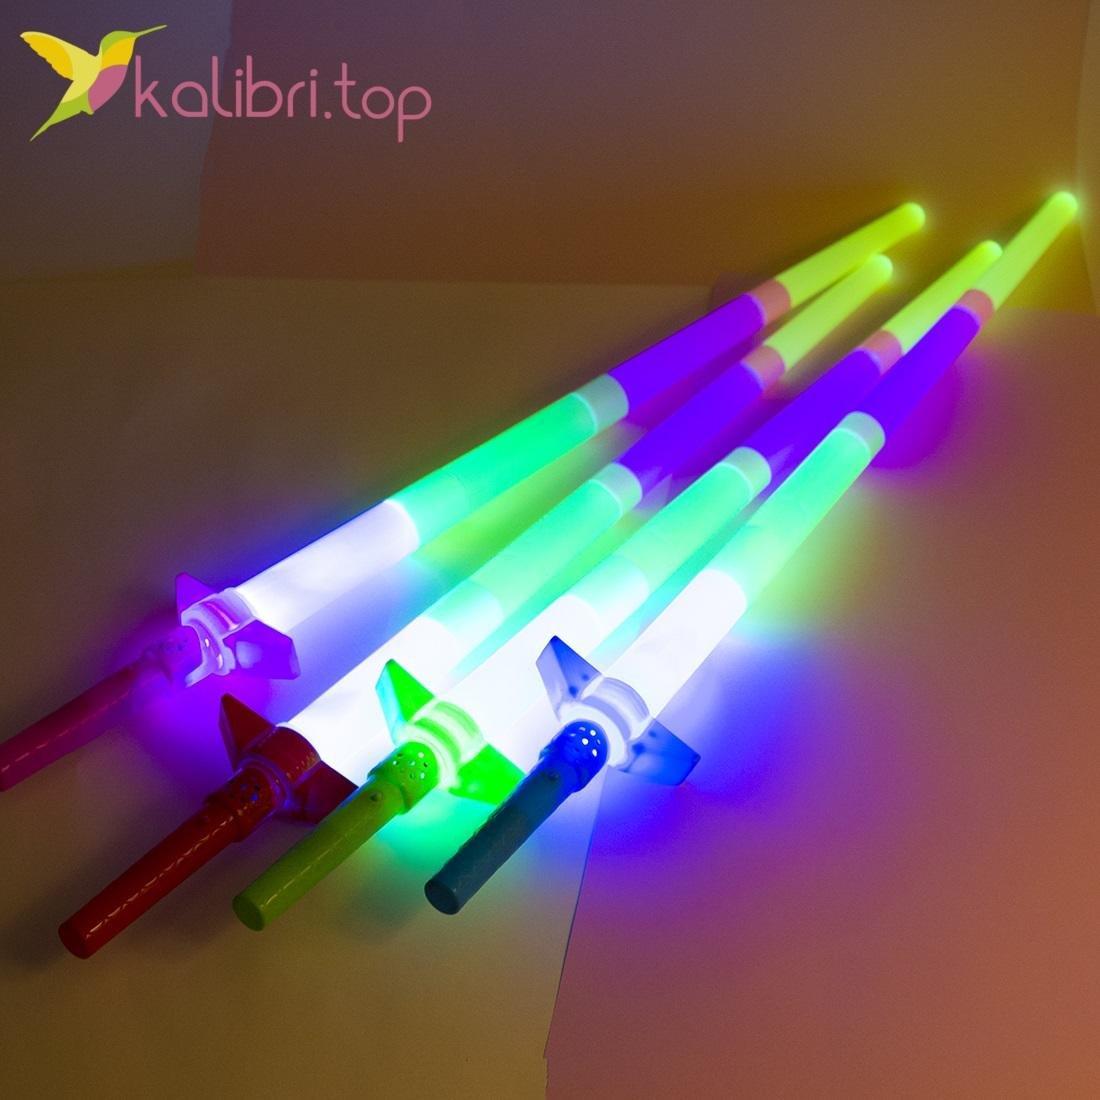 Детский меч музыкальный, светящийся Джидая - Калибри